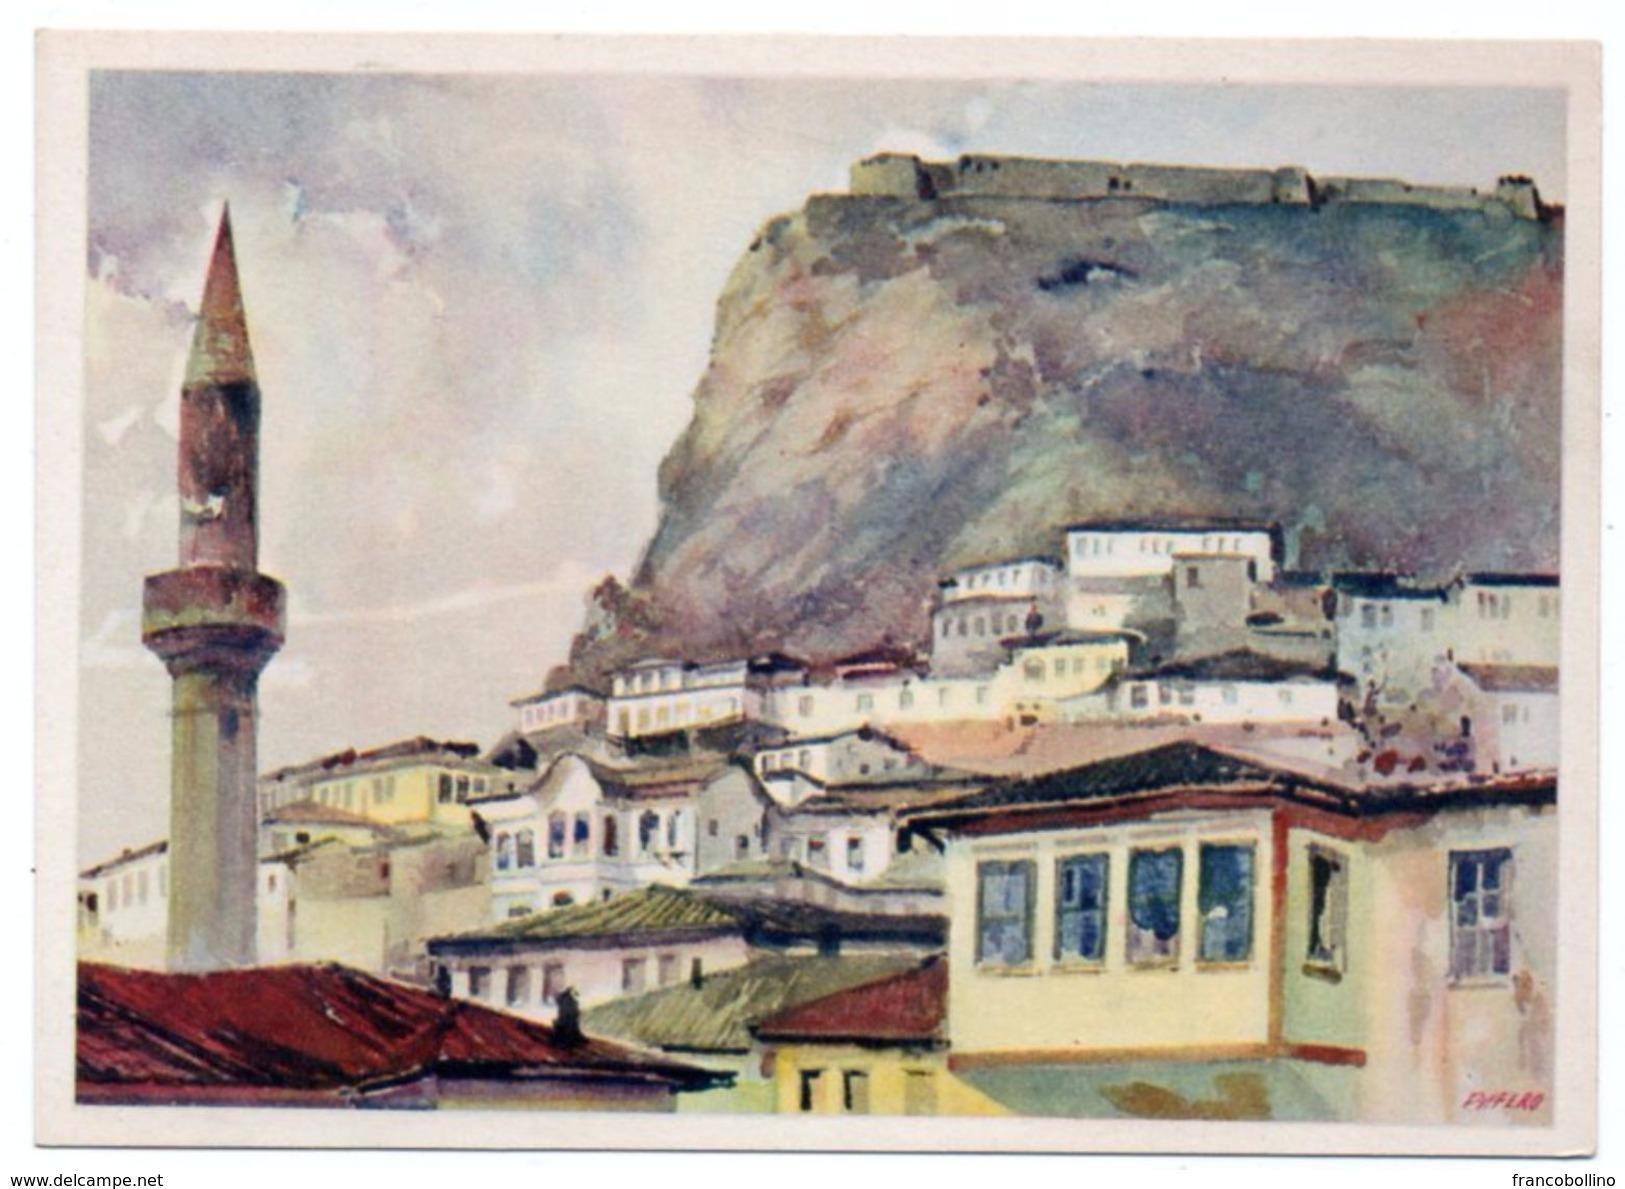 ALBANIE/ALBANIA - BERATI/BERAT PARTE DELLA CITTA' E LA FORTEZZA /MOSCHEA-MOSQUE / ILLUSTRATORE PIFFERO - Albania